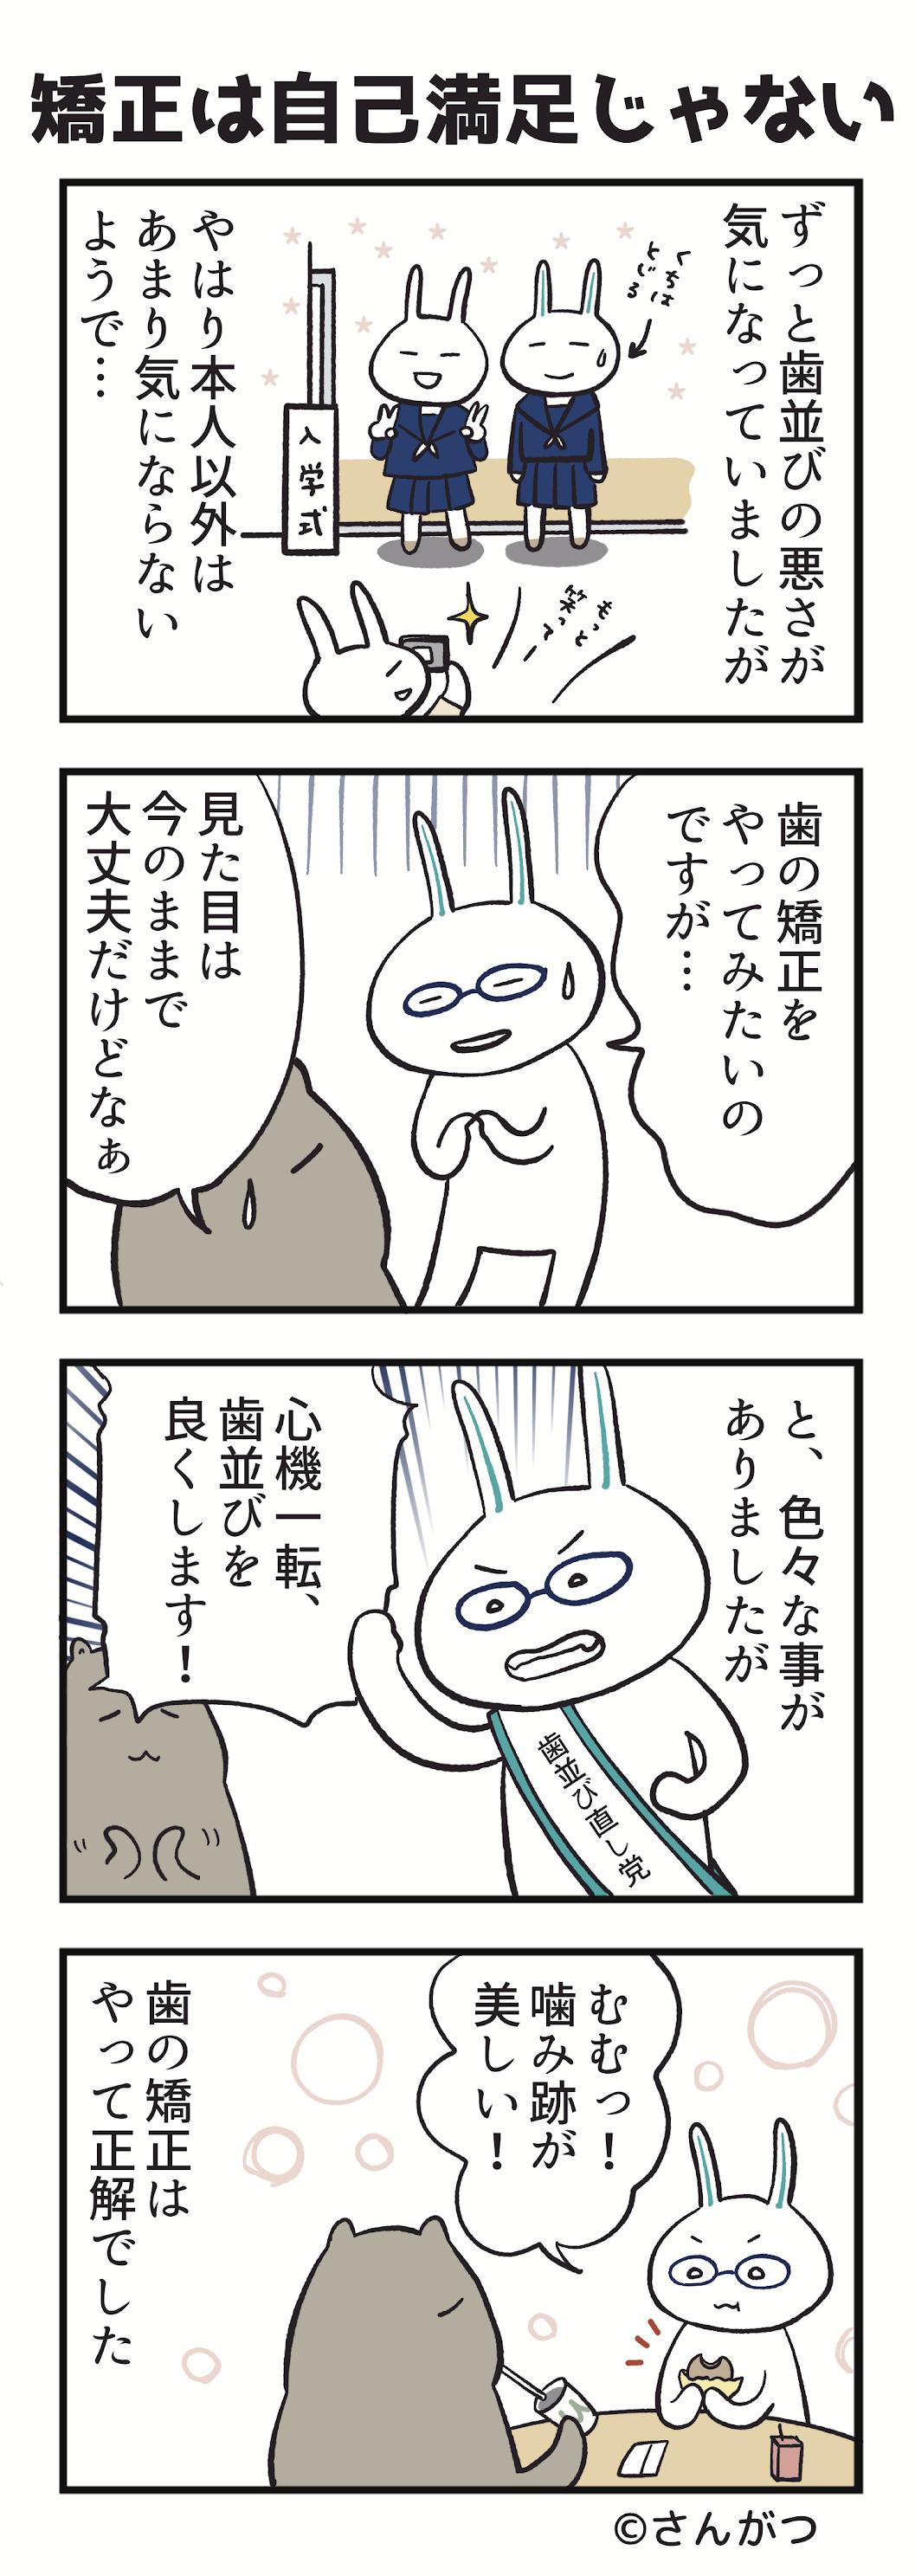 歯科矯正の漫画4「矯正は自己満足?編」